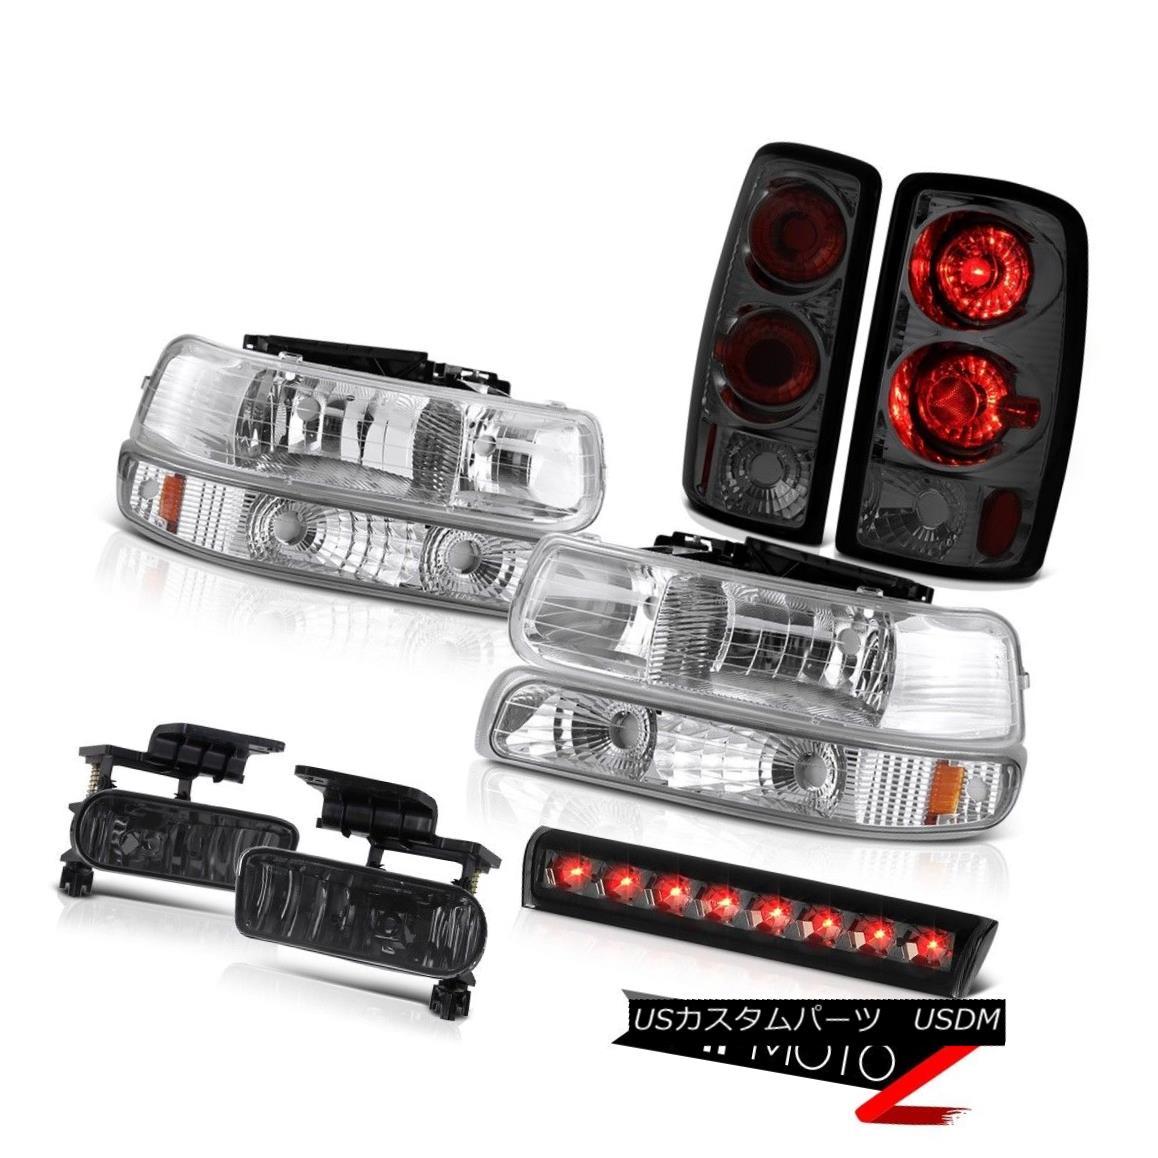 テールライト 00-06 Chevy Suburban 4X4 Phantom smoke roof brake light fog lamps rear Headlamps 00-06シボレー郊外4X4ファントム煙屋根ブレーキライトフォグランプリアヘッドランプ